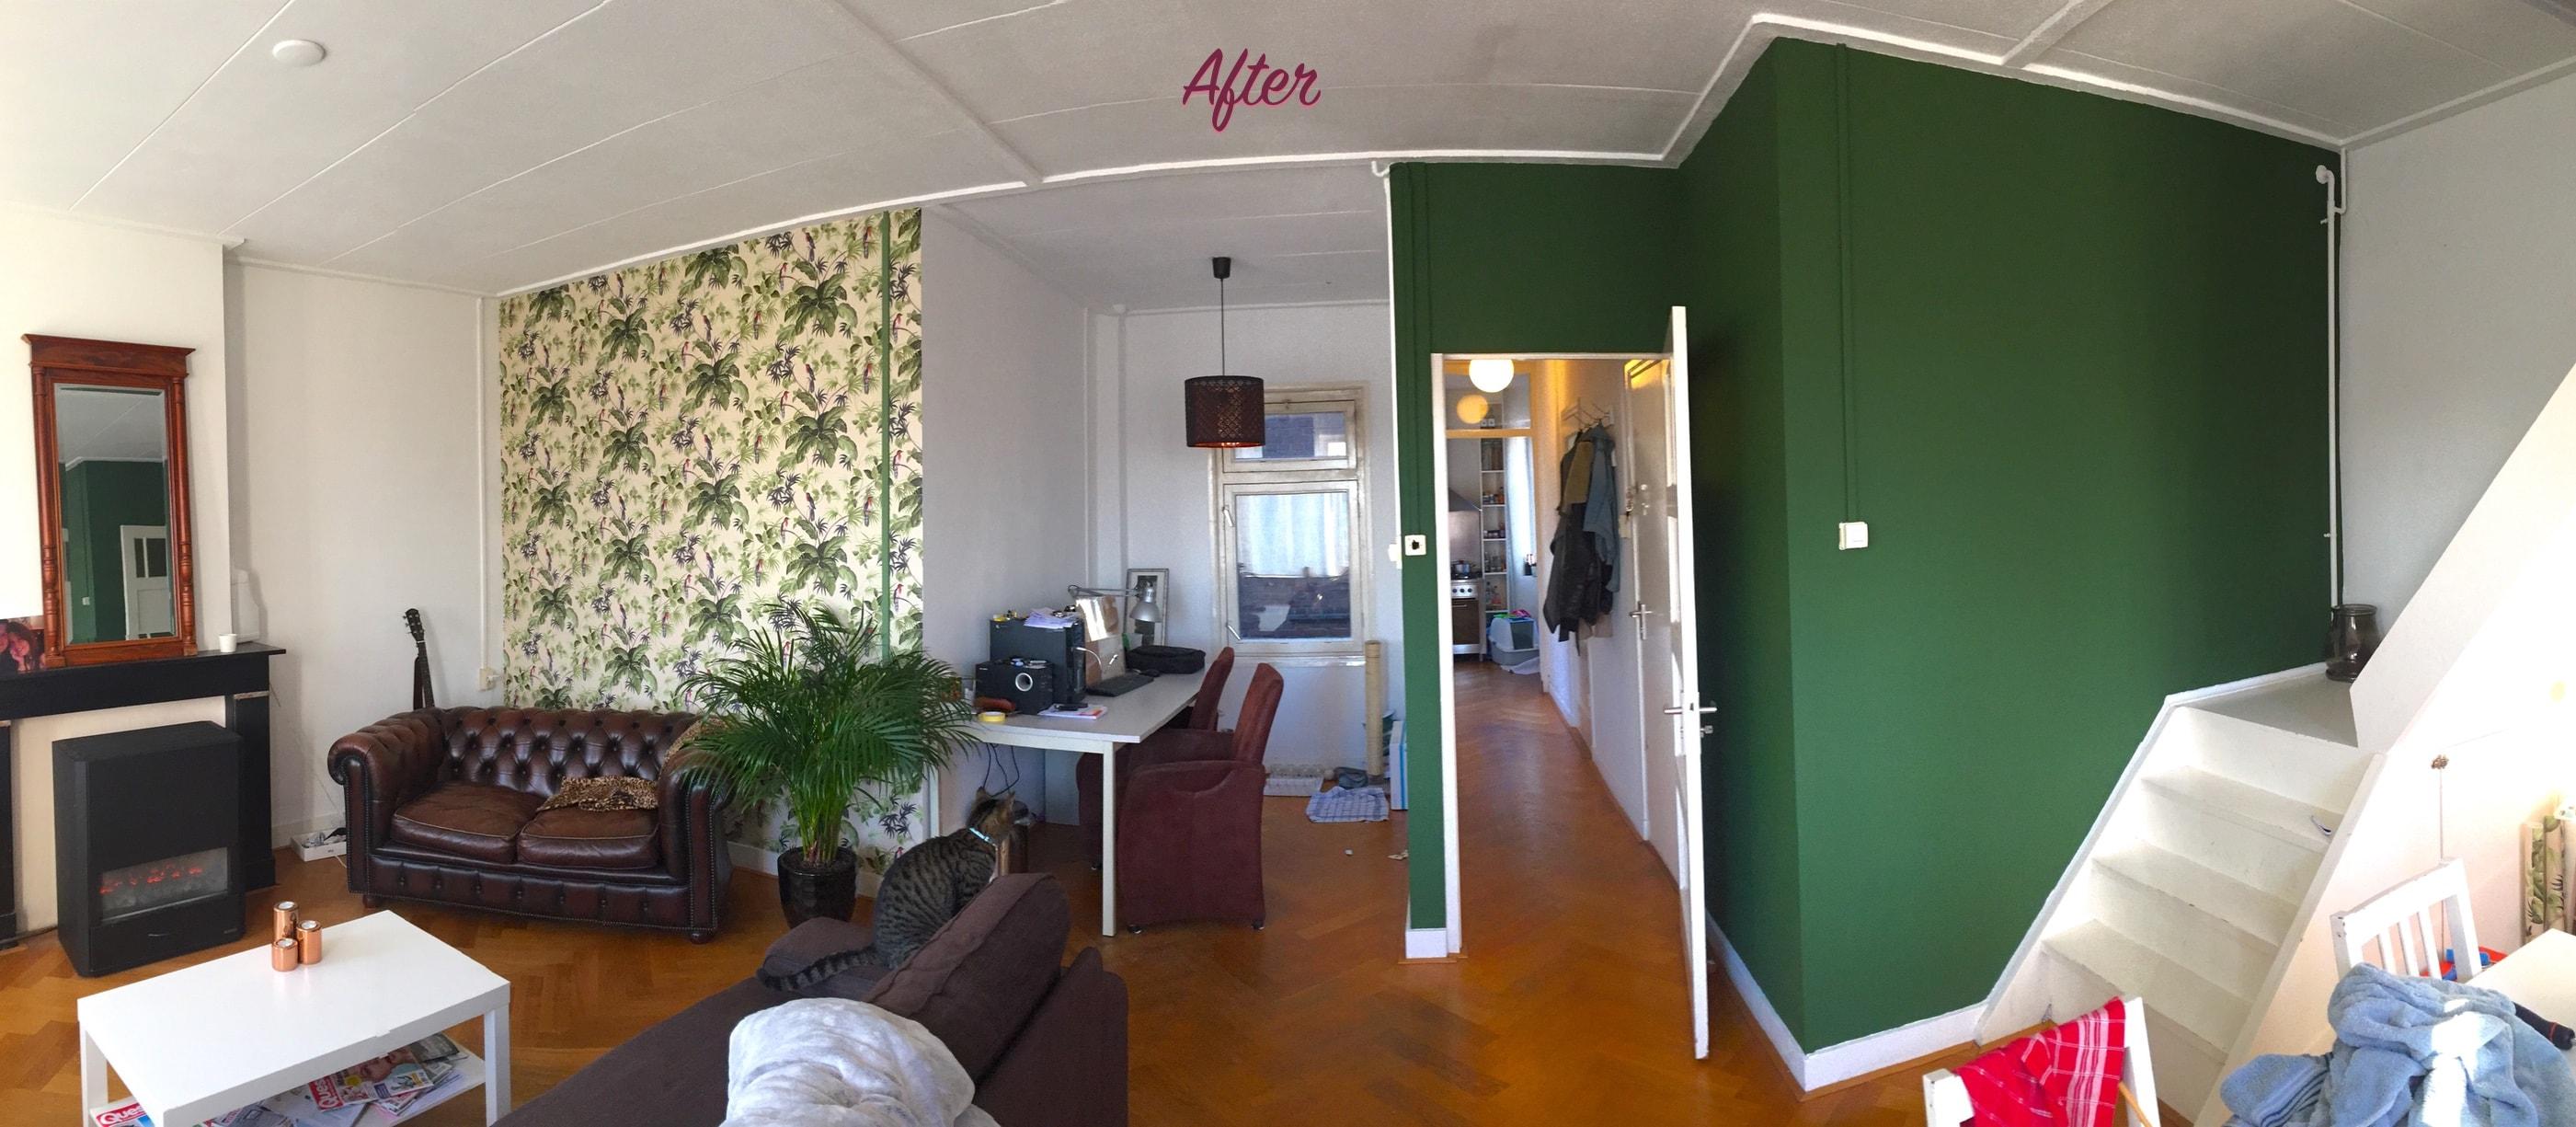 After woonkamer samenwonen